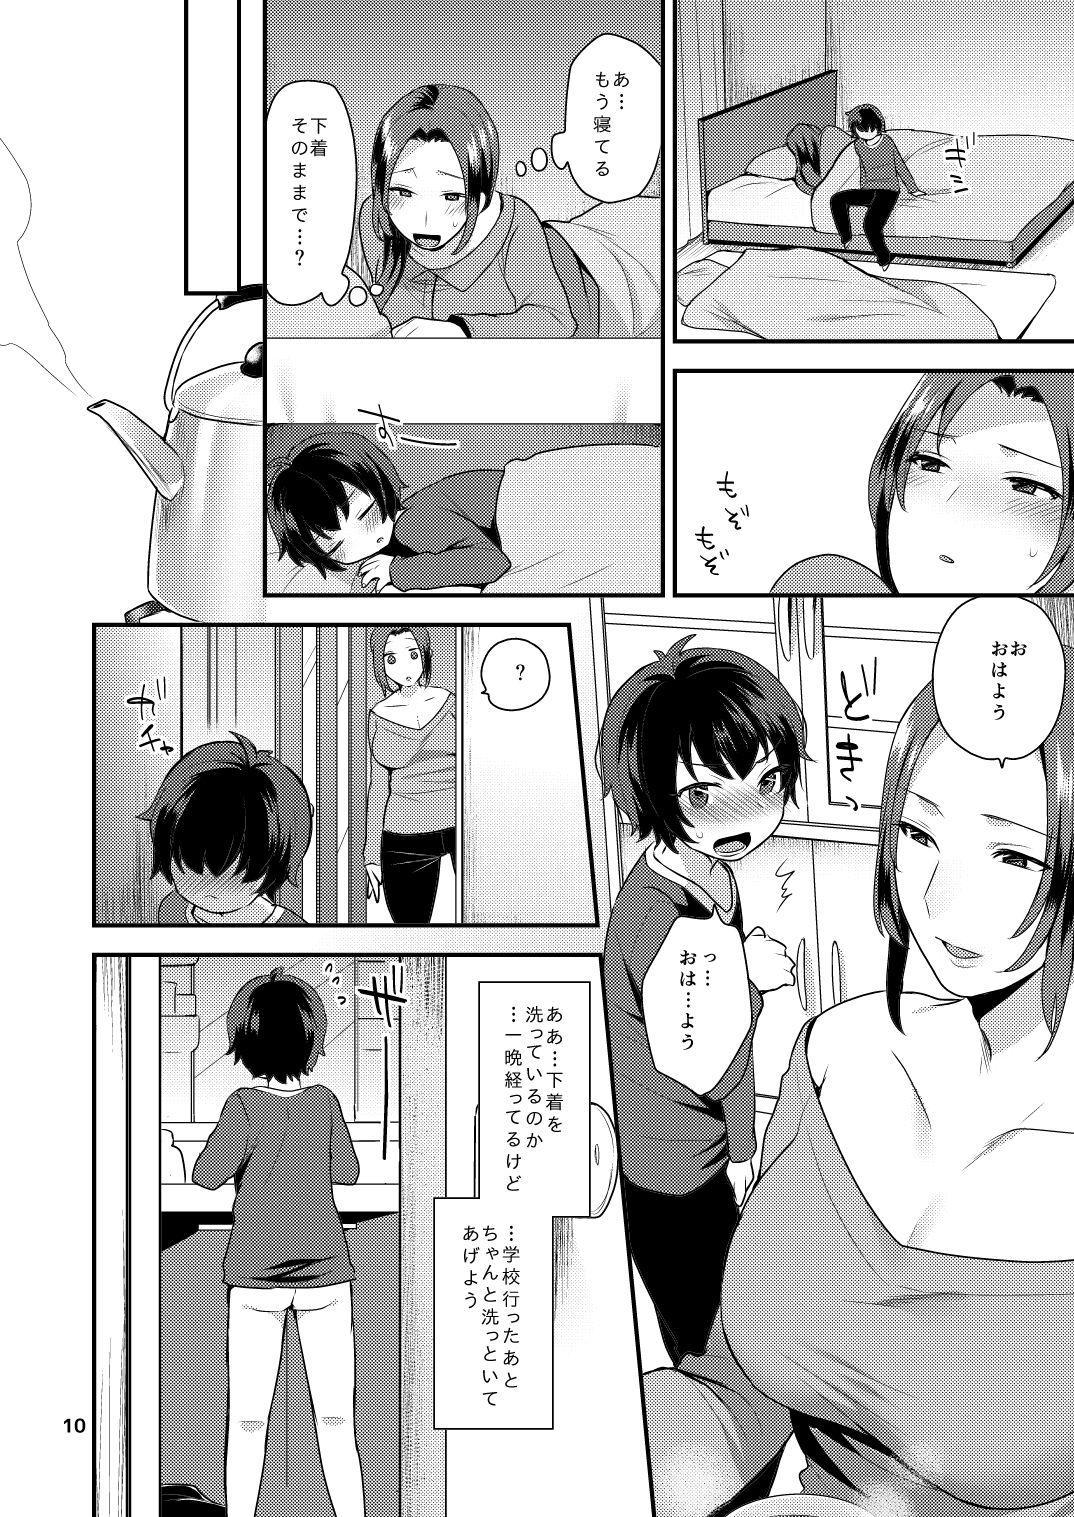 Oyasumi no Ato de 9